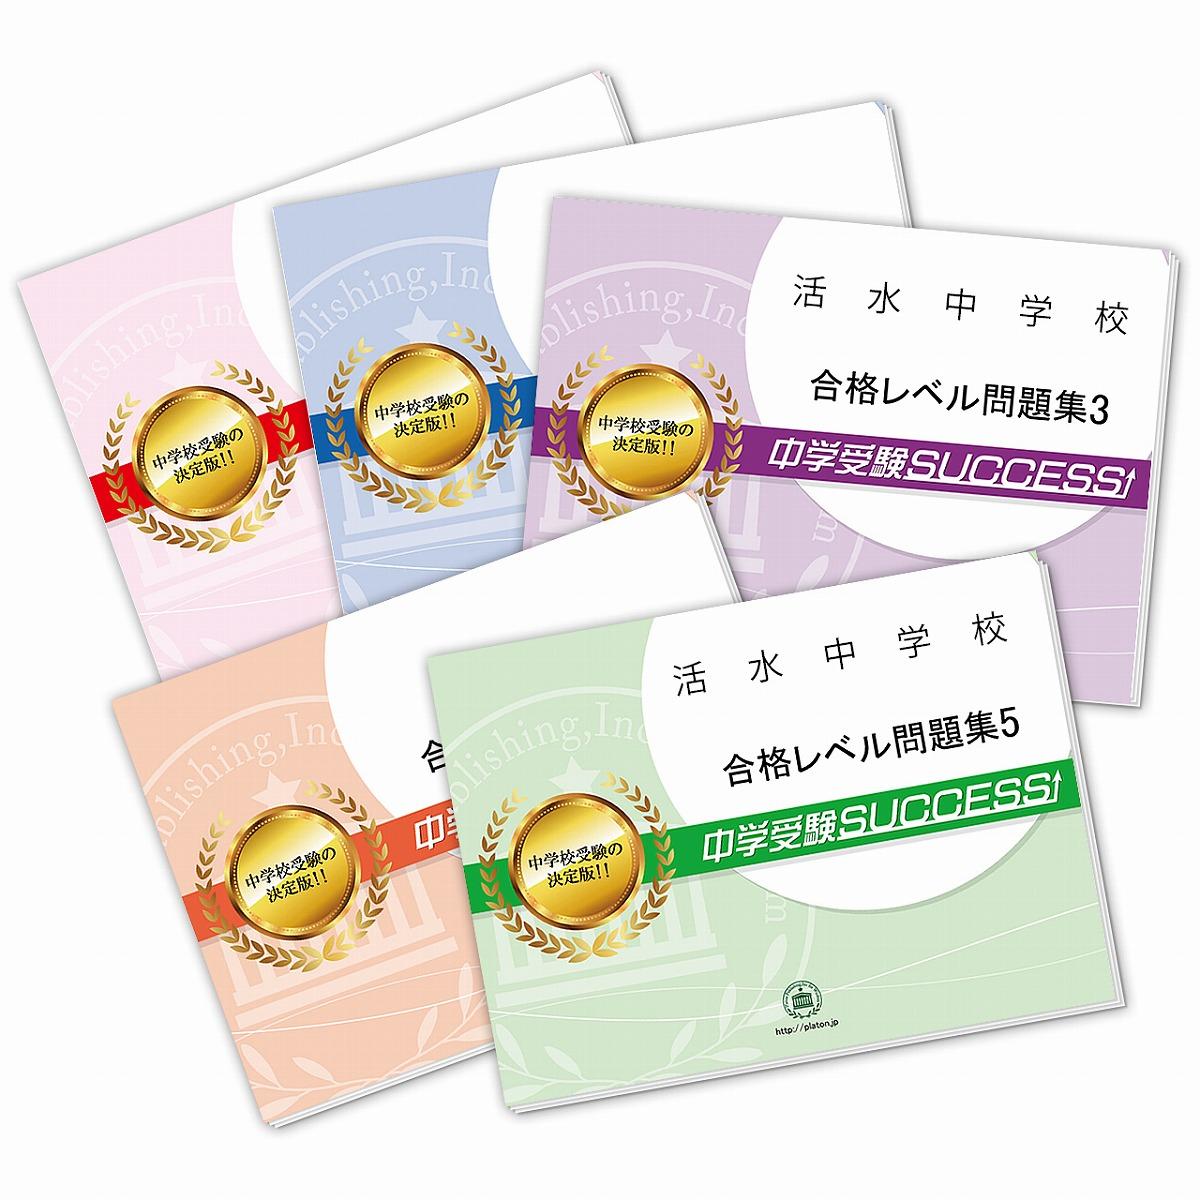 【送料・代引手数料無料】活水中学校・直前対策合格セット(5冊)